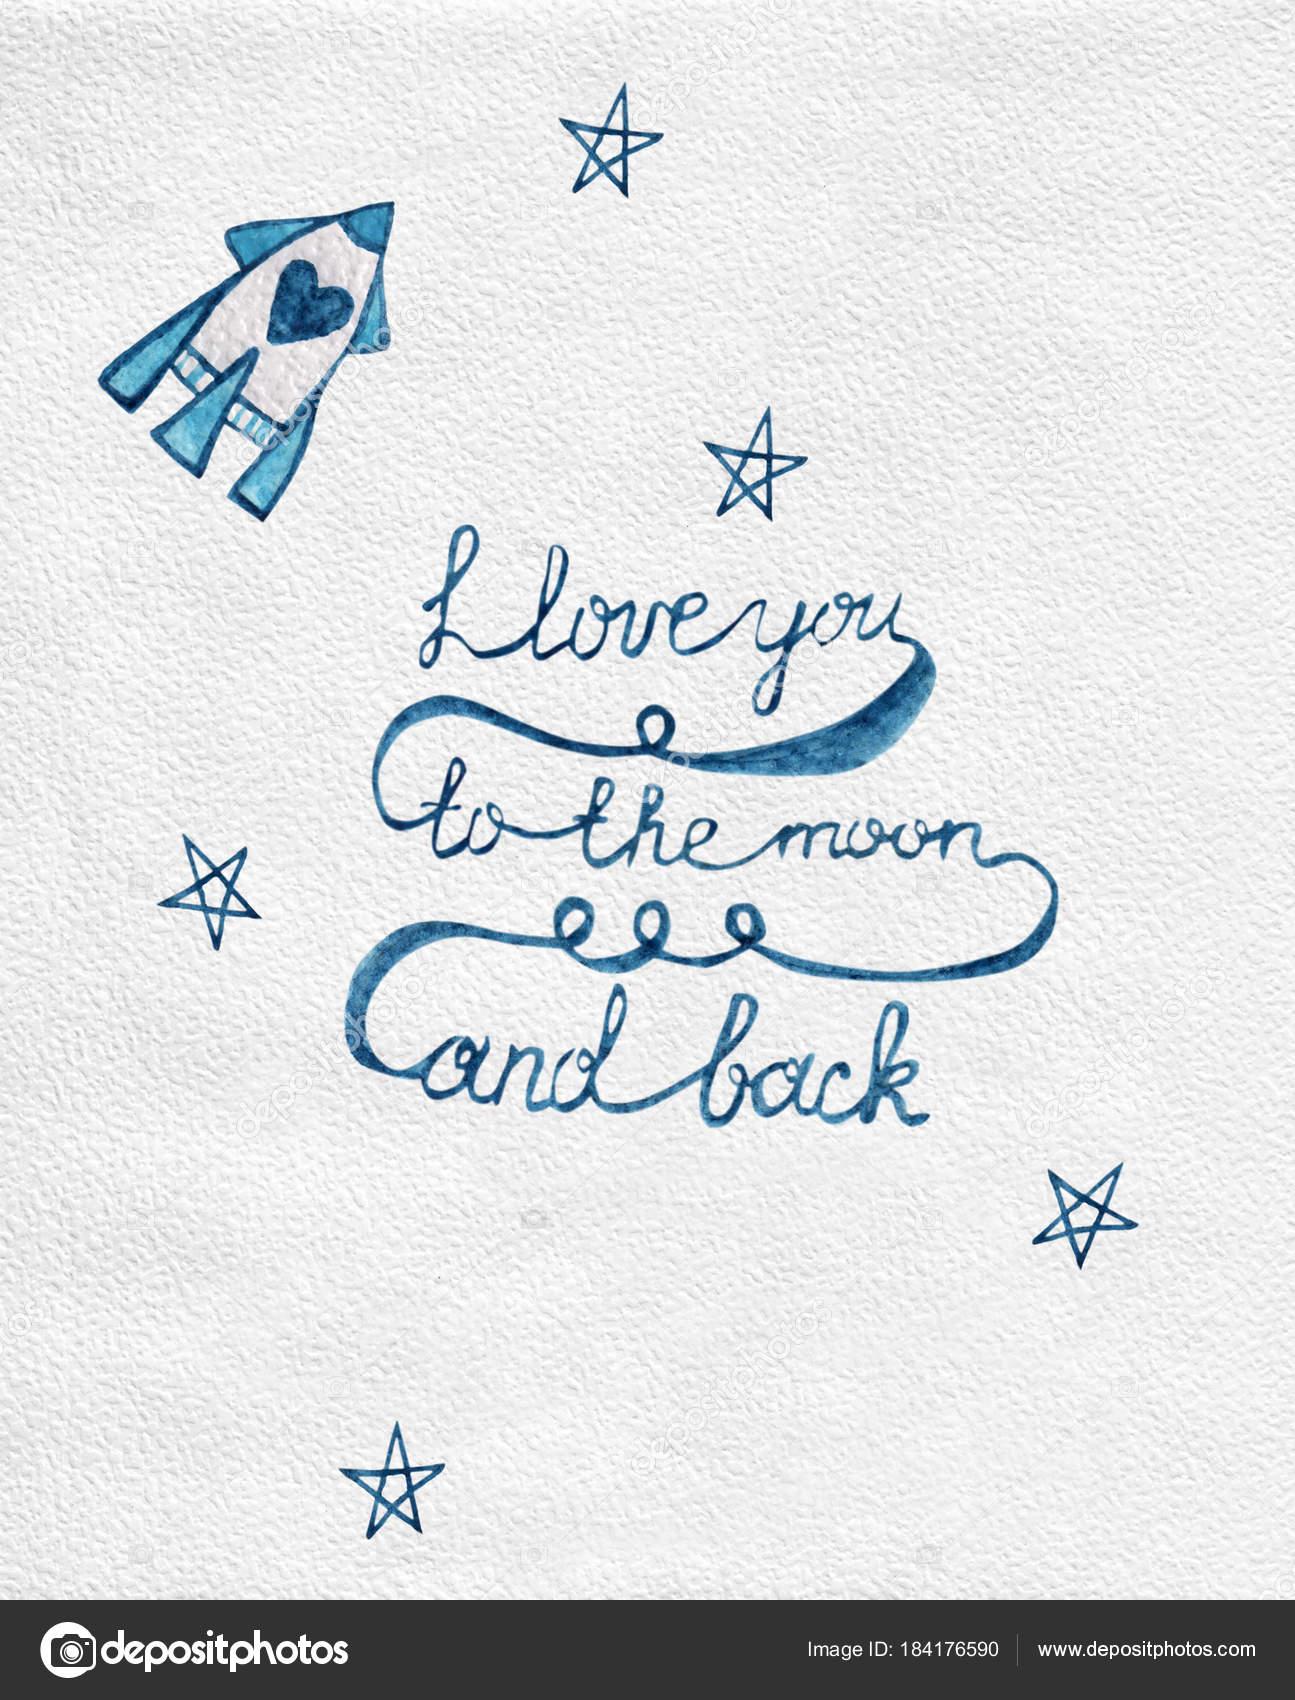 Cool Ich Liebe Dich Bis Zum Mond Beste Wahl Und Zurück Zitat Mit — Stockfoto